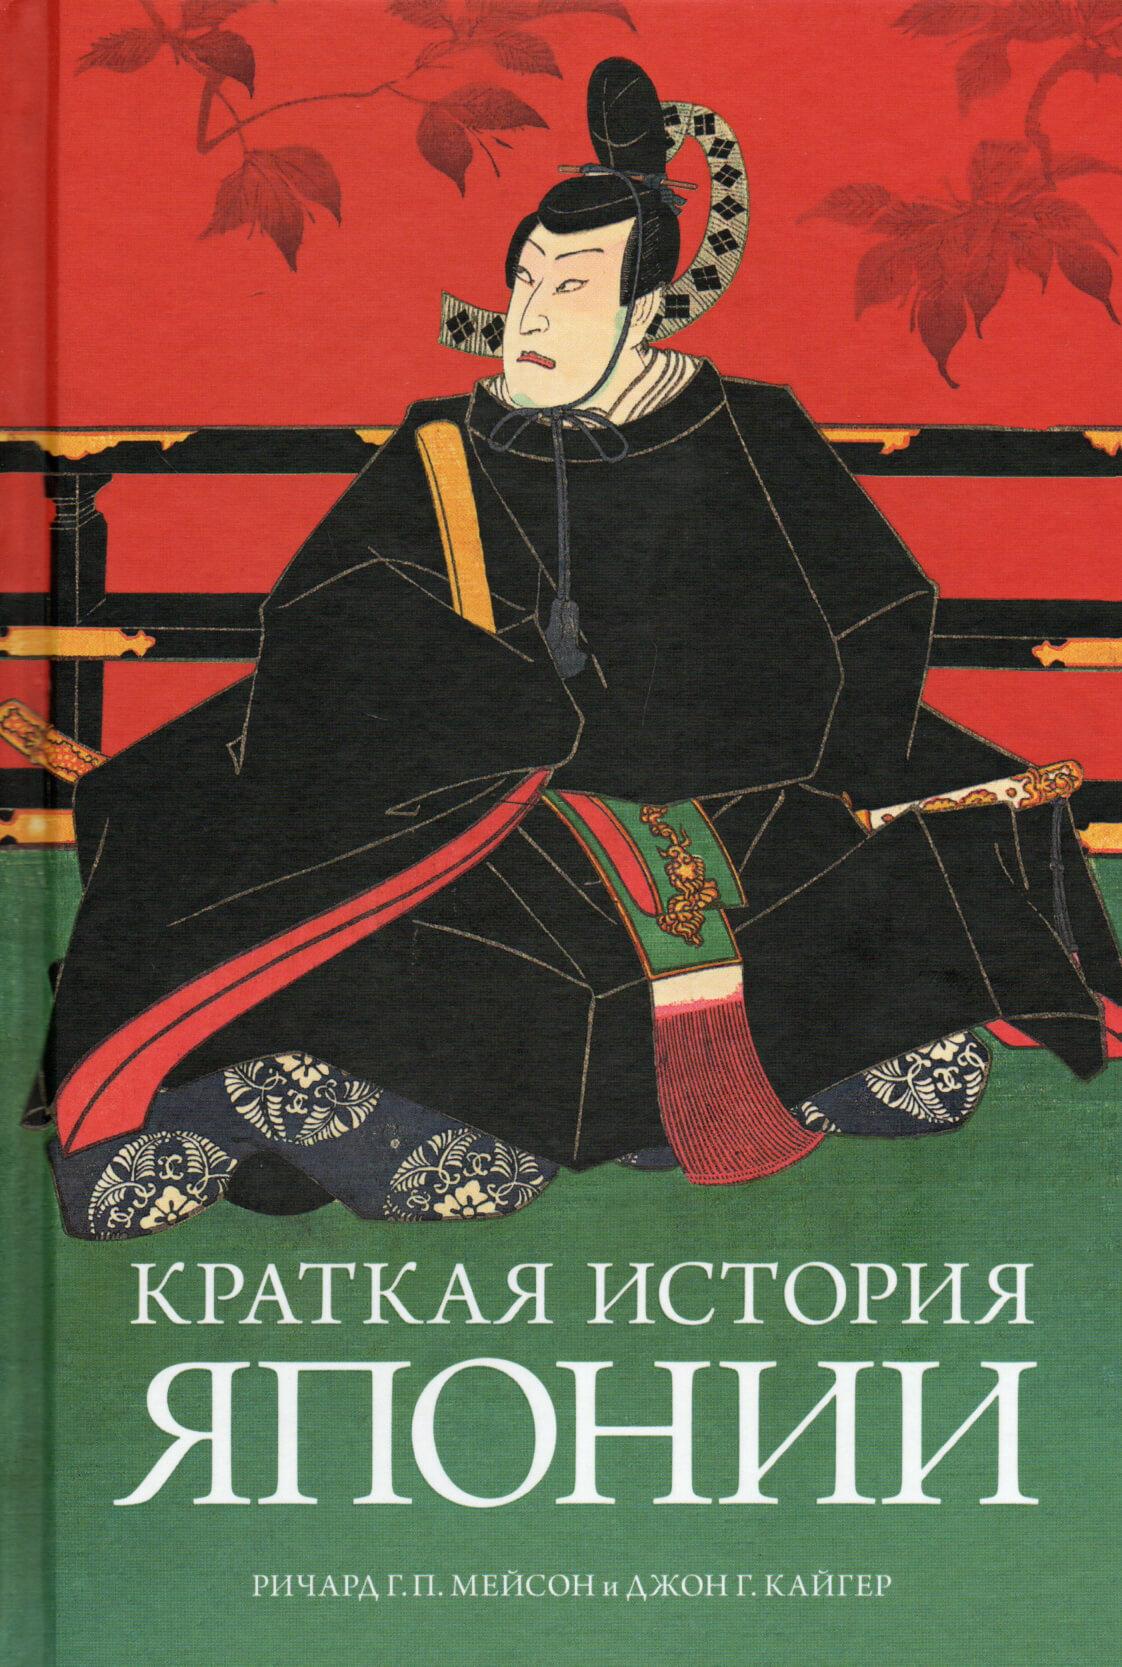 Краткая история Японии. Автор — Ричард Г. П. Мейсон, Джон Г. Кайгер. Переплет —